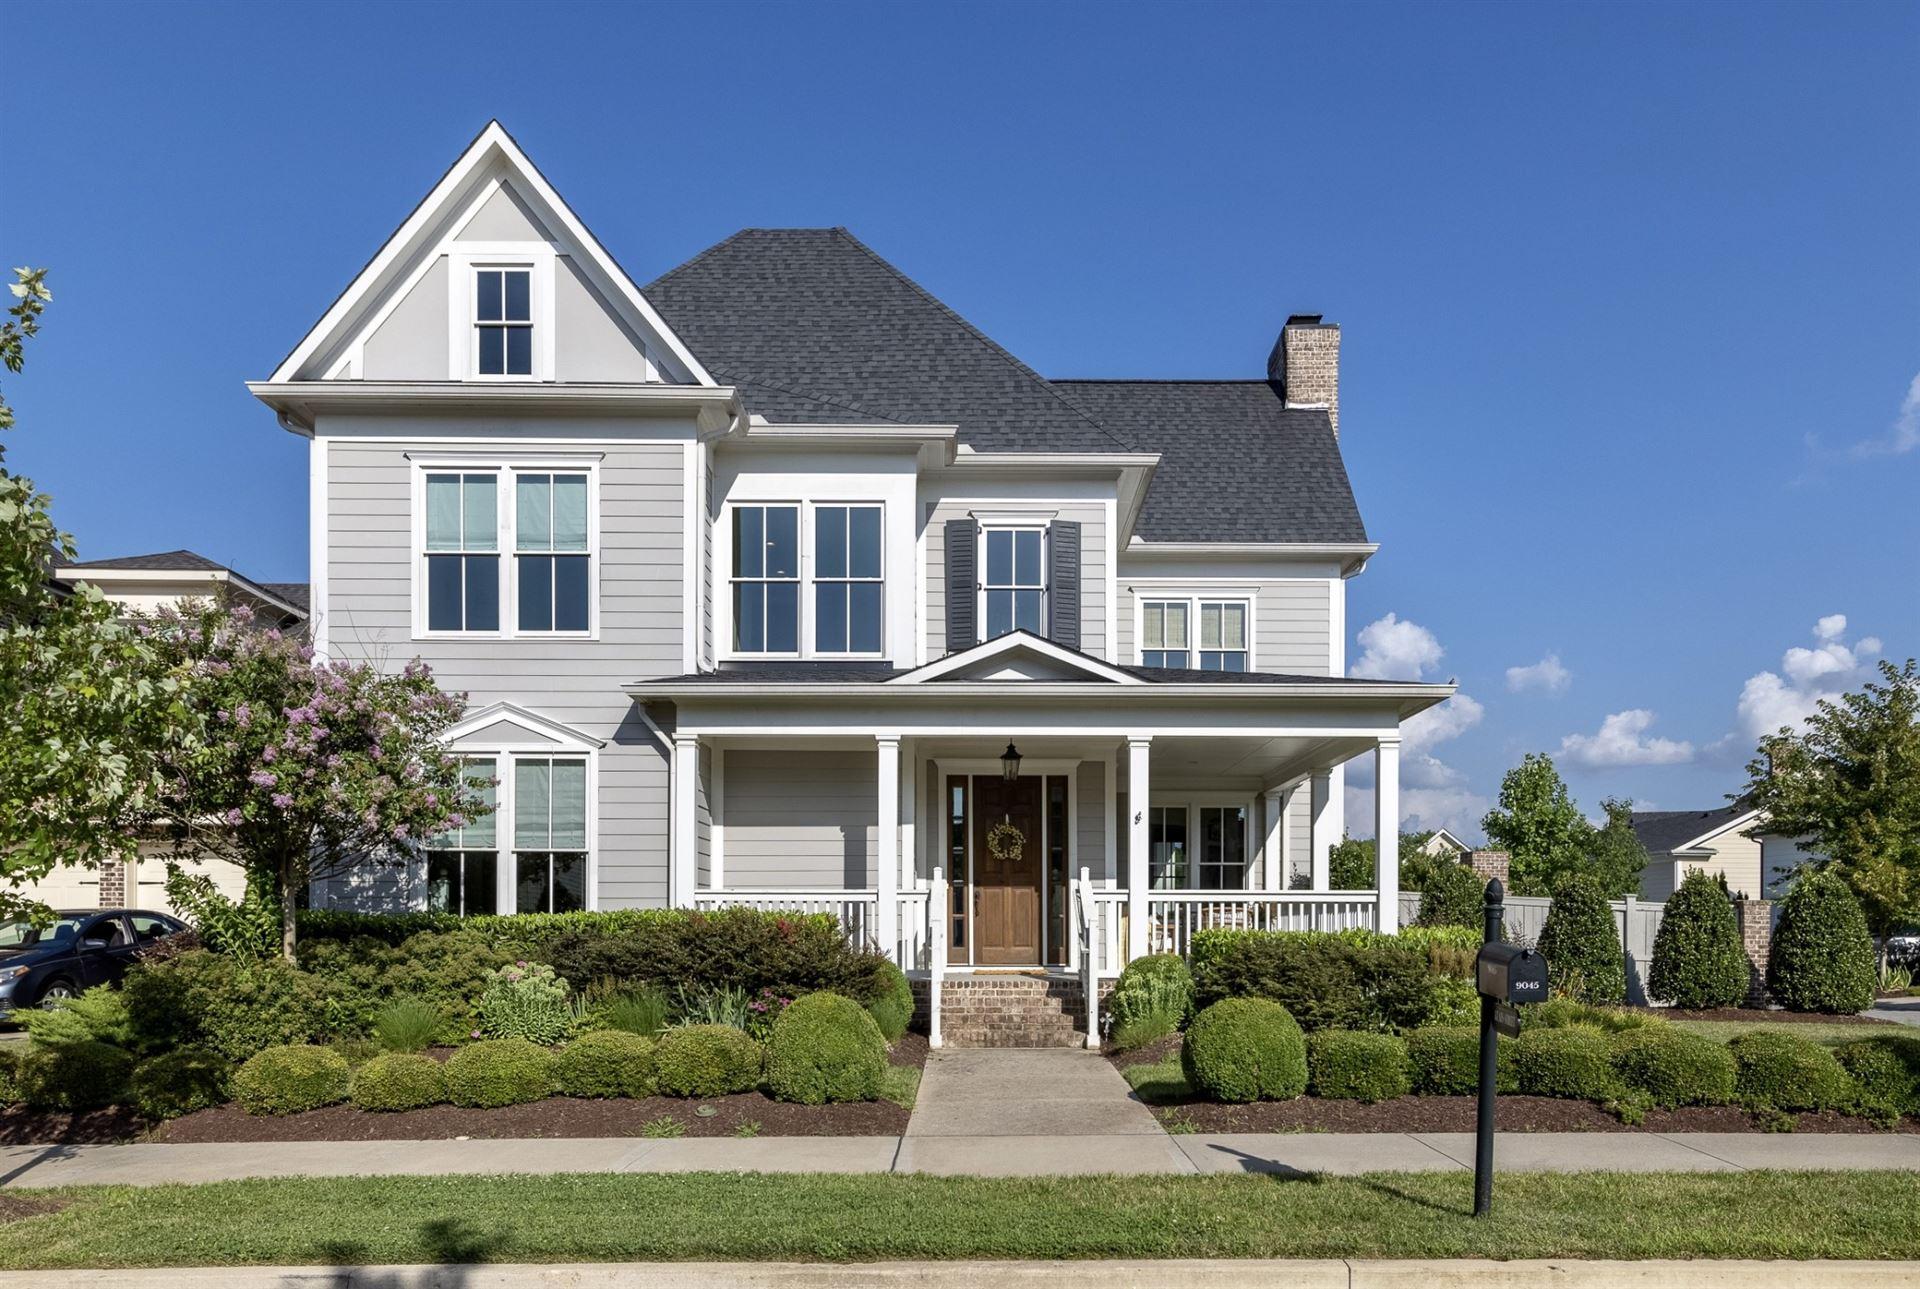 9045 Keats St, Franklin, TN 37064 - MLS#: 2273499